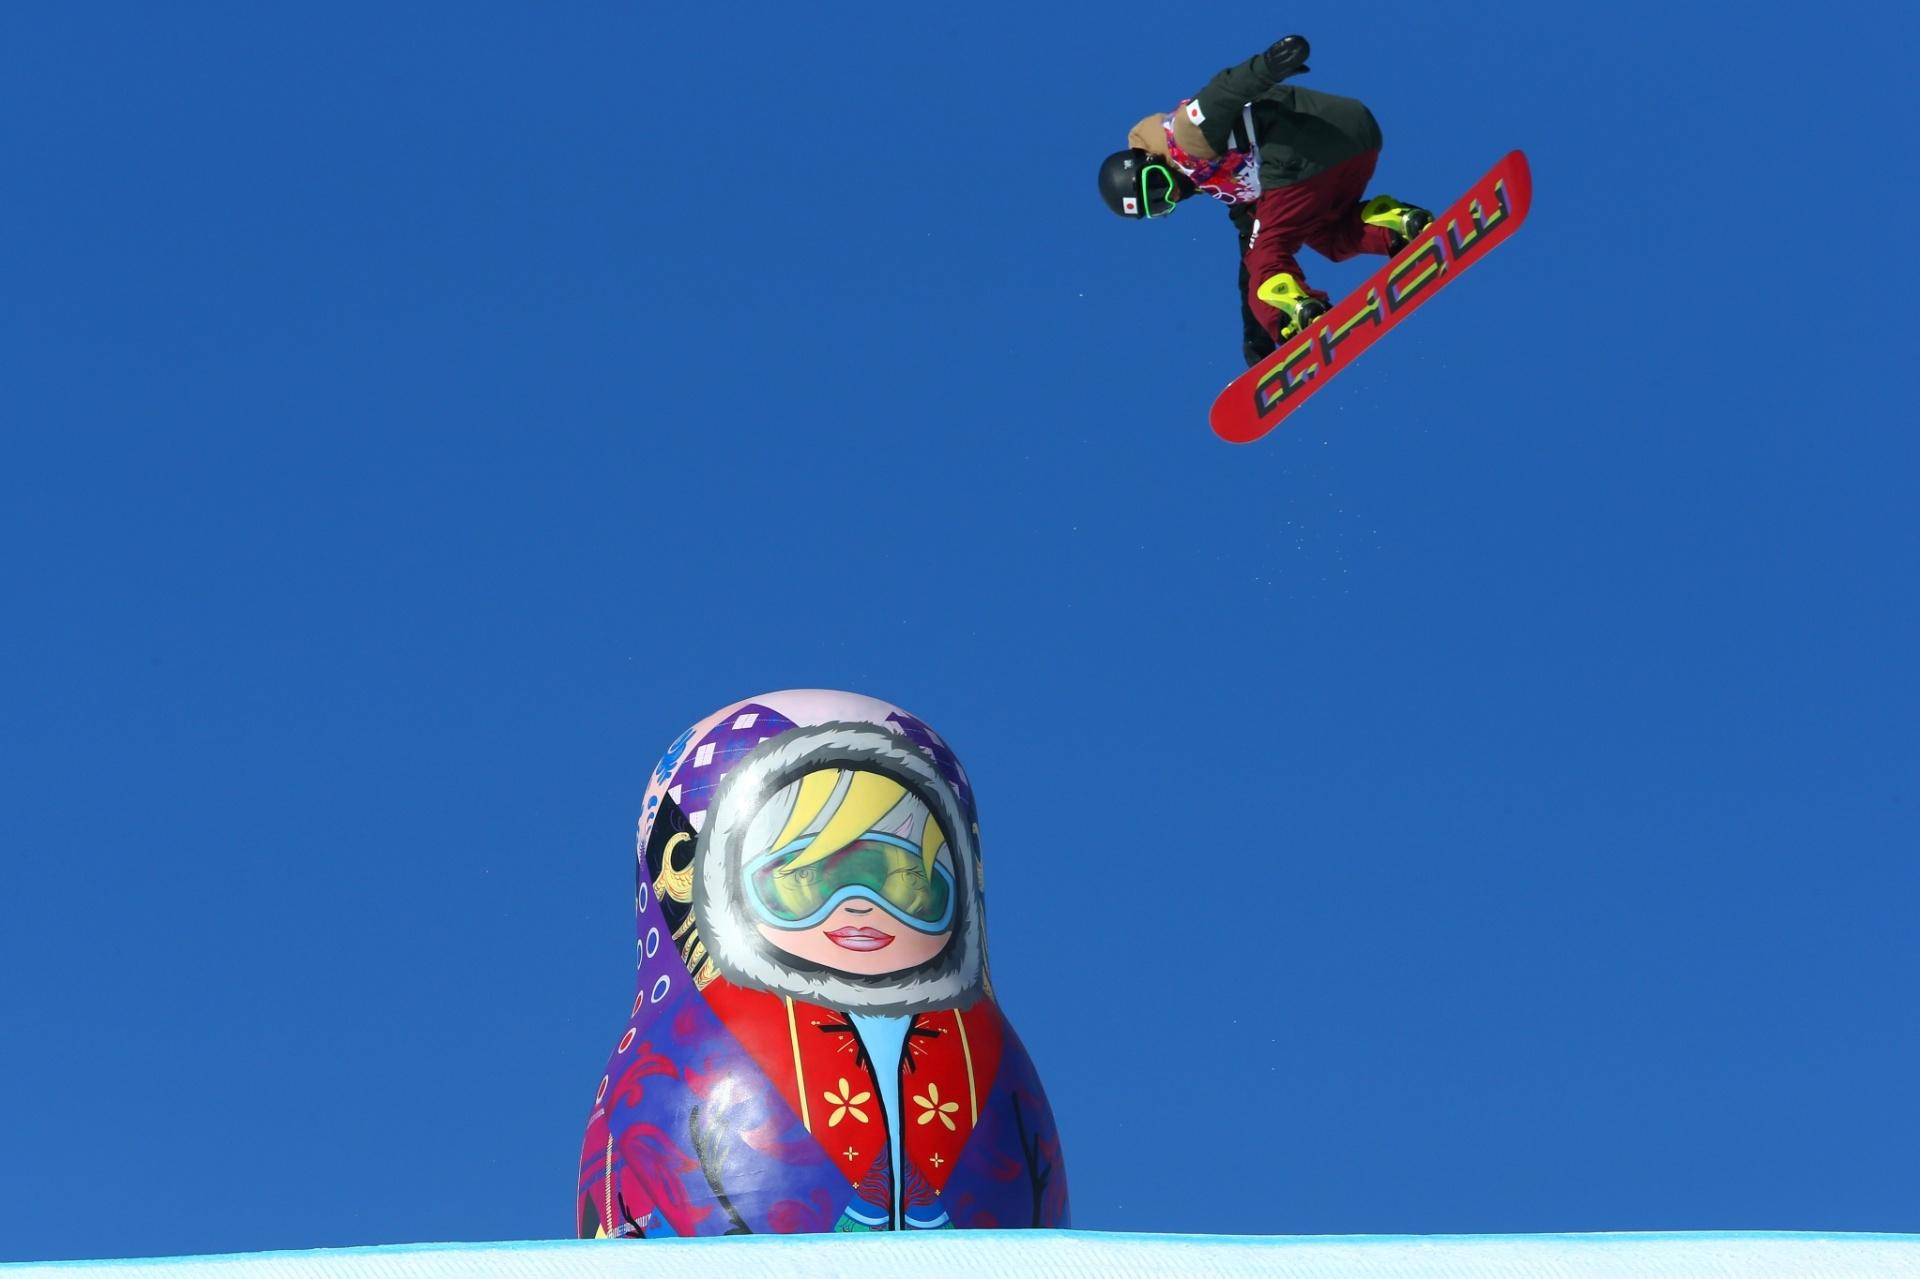 09.02.2014 - Yuki Kadono, do Japão, voa por cima da tradicional boneca russa matrioska